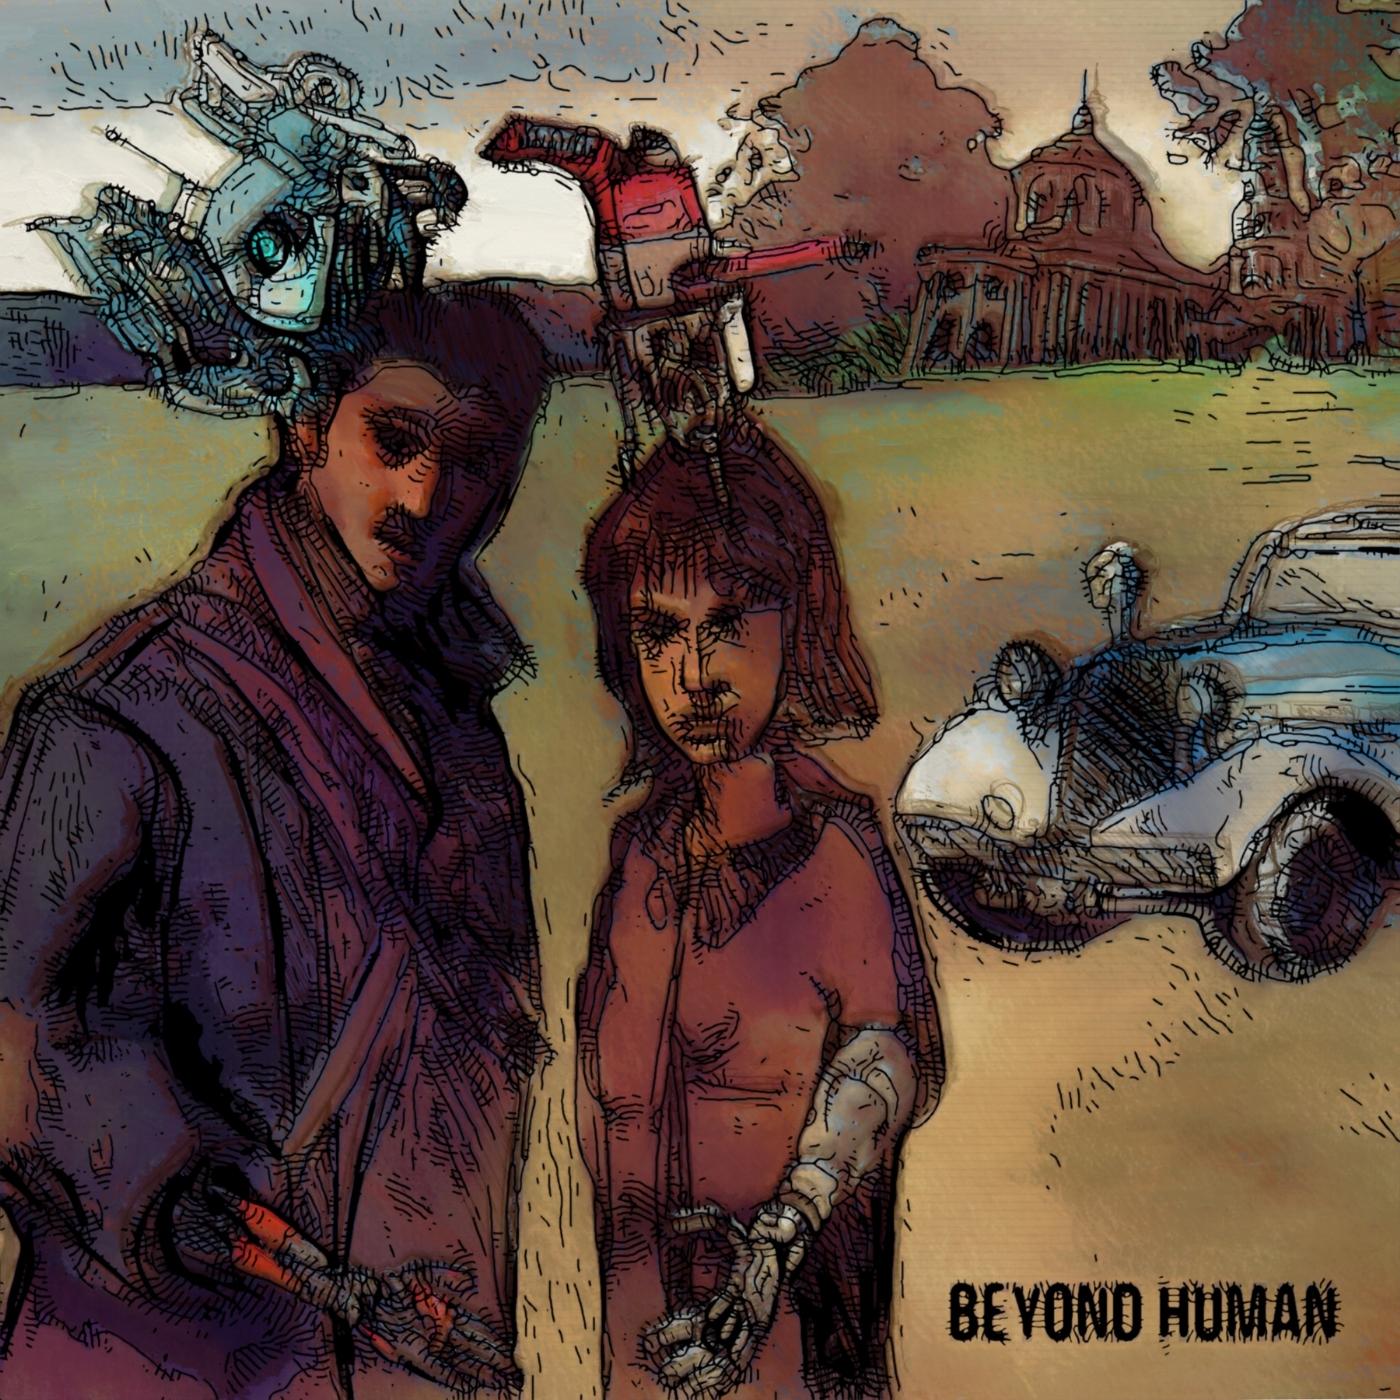 Beyond human | Tegning | Detail 1